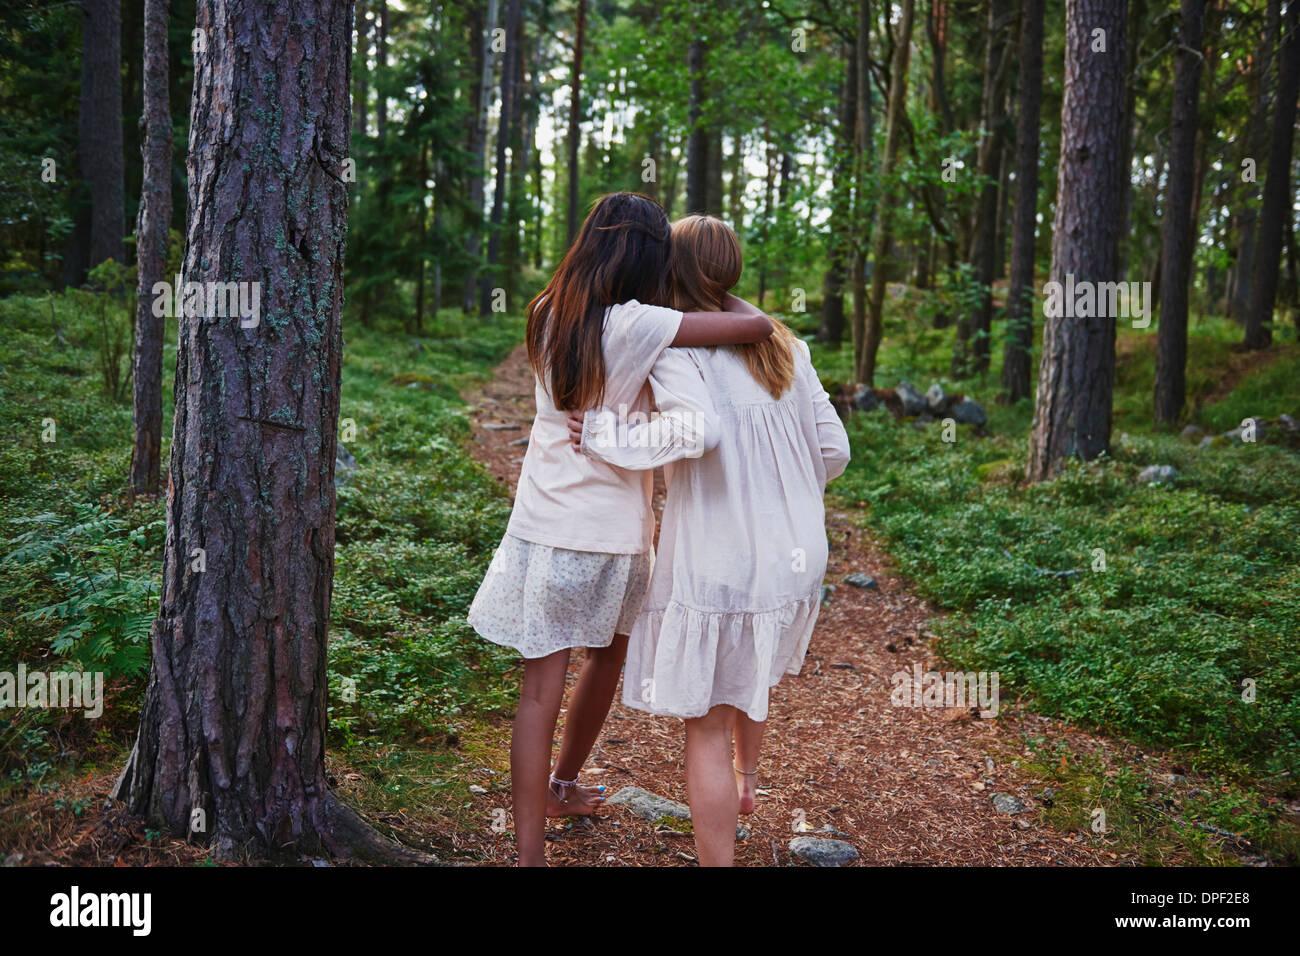 Le ragazze adolescenti con bracci intorno a ogni altra foresta Immagini Stock